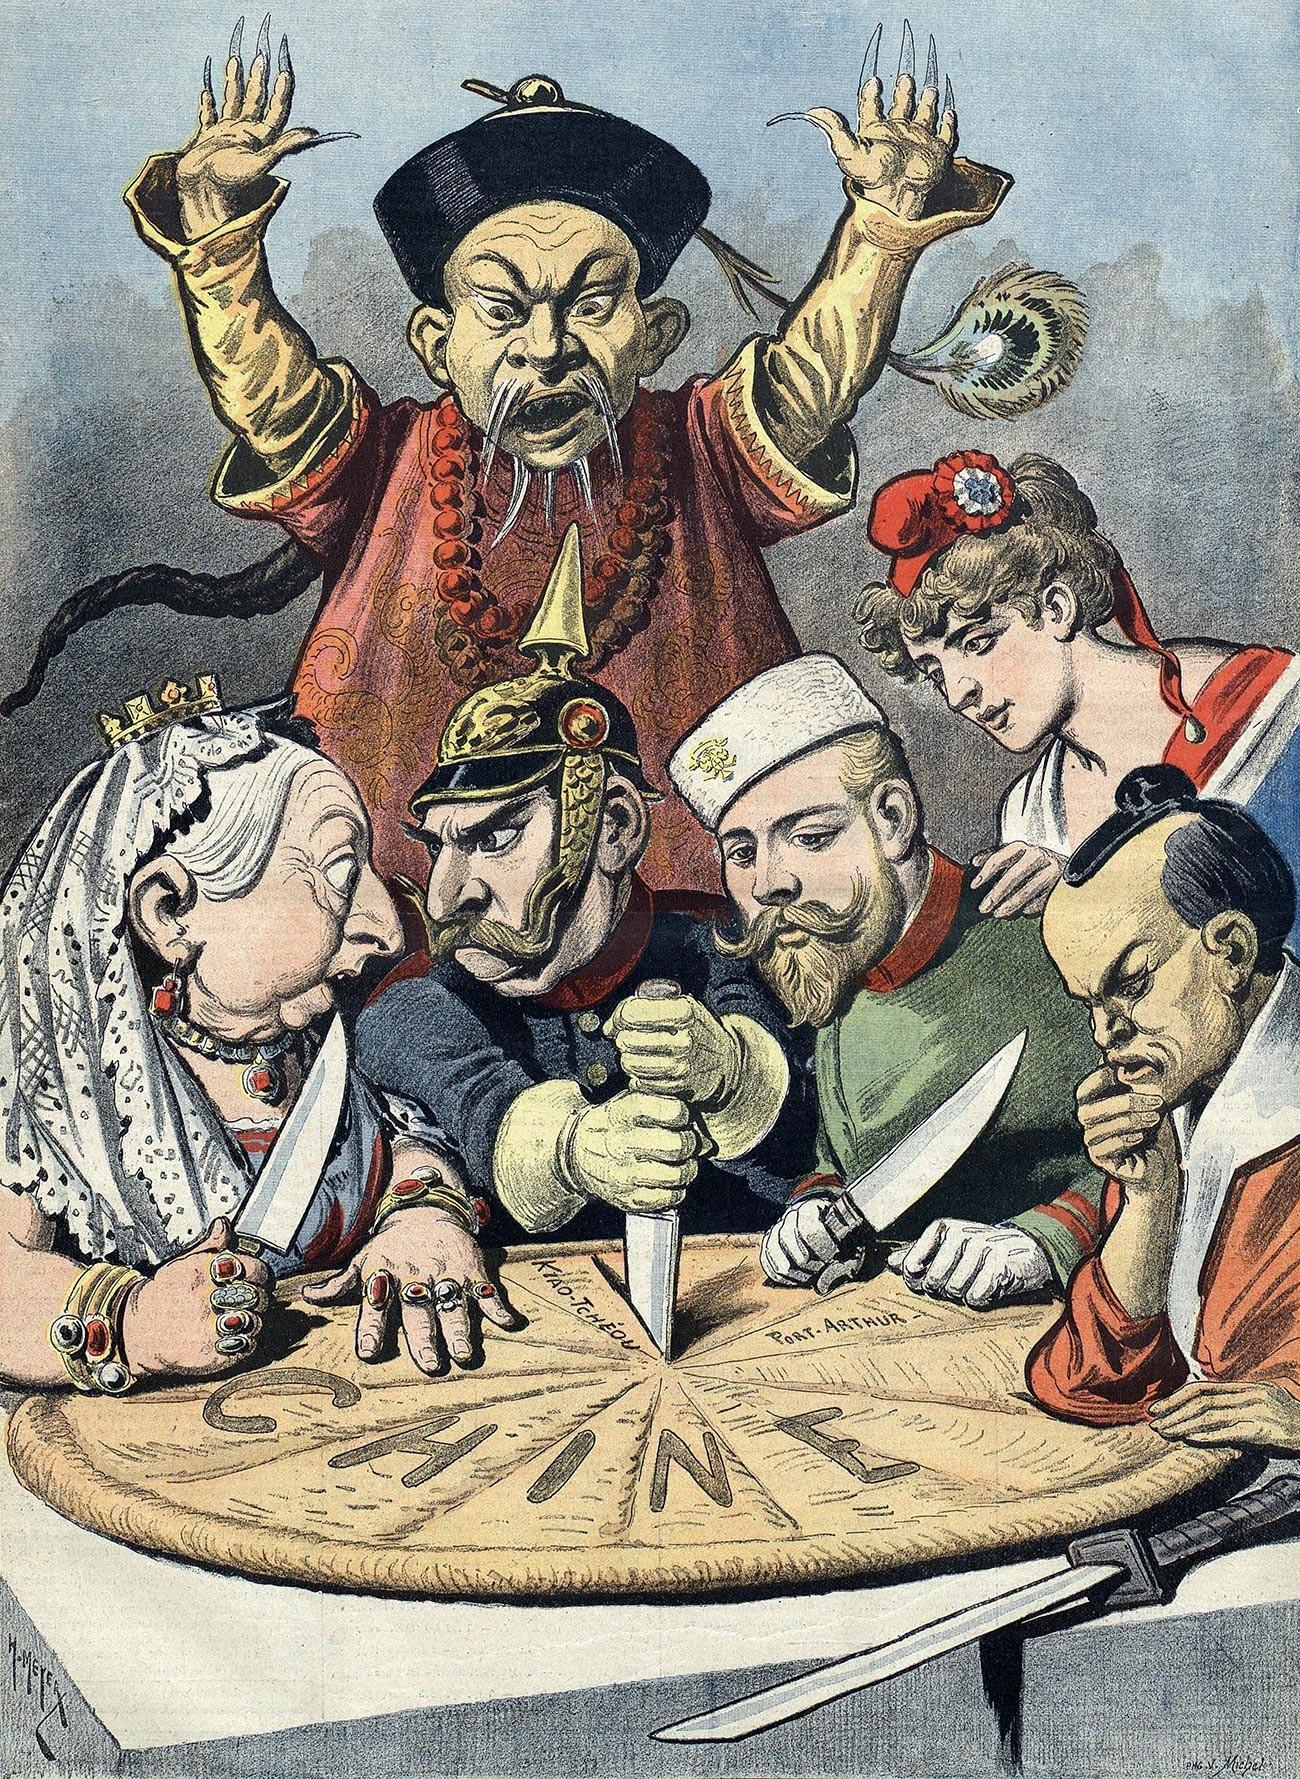 Französische politische Karikatur der späten 1890er Jahre. Der Kuchen verkörpert China, das von der englischen Königin Wiktoria, dem deutschen Kaiser Wilhelm II. , Nikolaus II., die Französin Marianne und der japanische Kaiser Meiji. Hinten steht ein Vertreter des Qing-Gerichts.